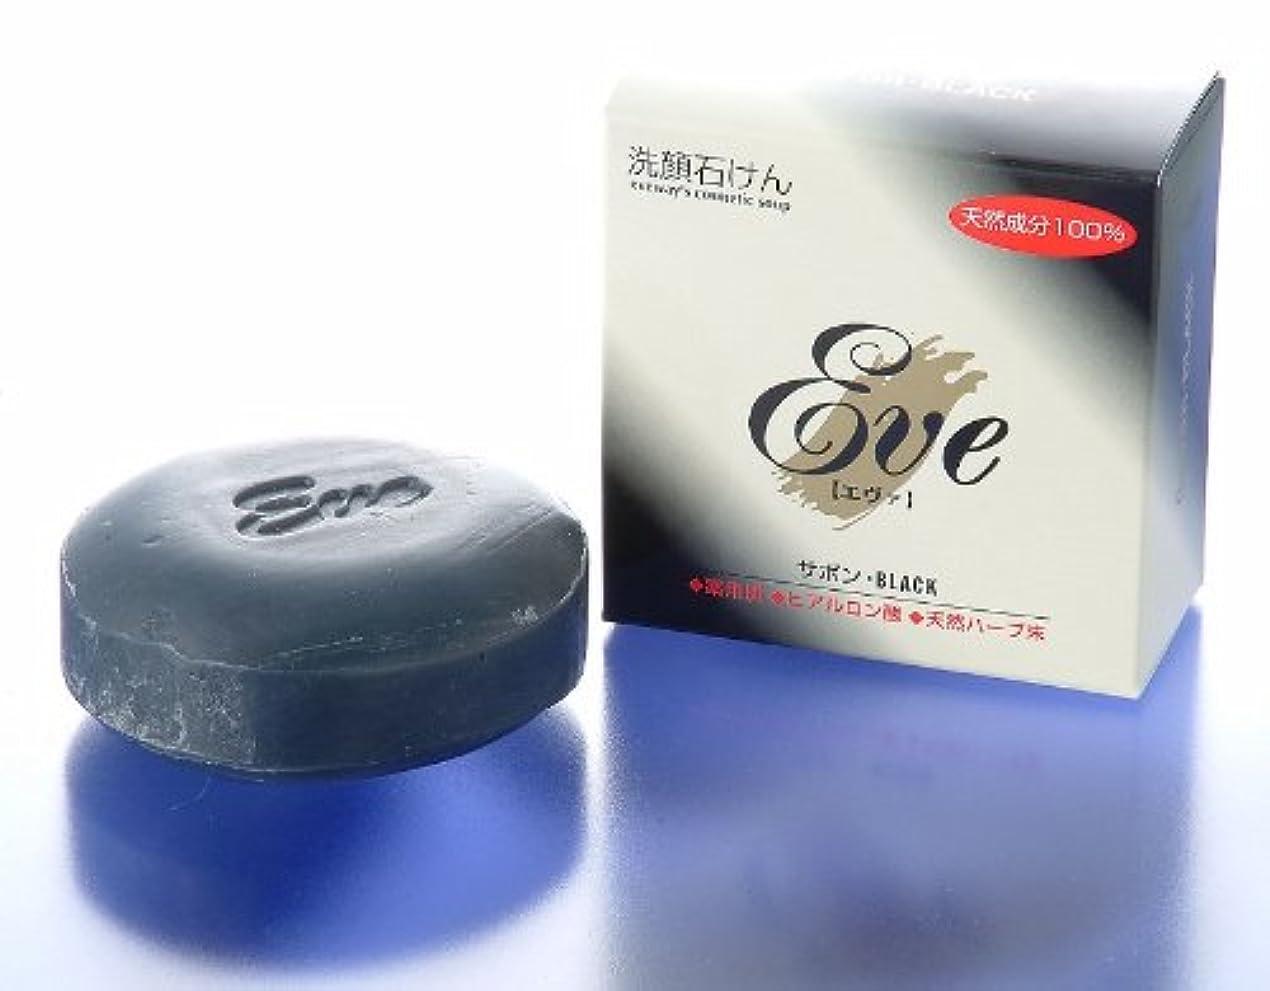 インレイマルコポーロする洗顔 化粧石鹸 サボンブラック クレンジングの要らない石鹸です。